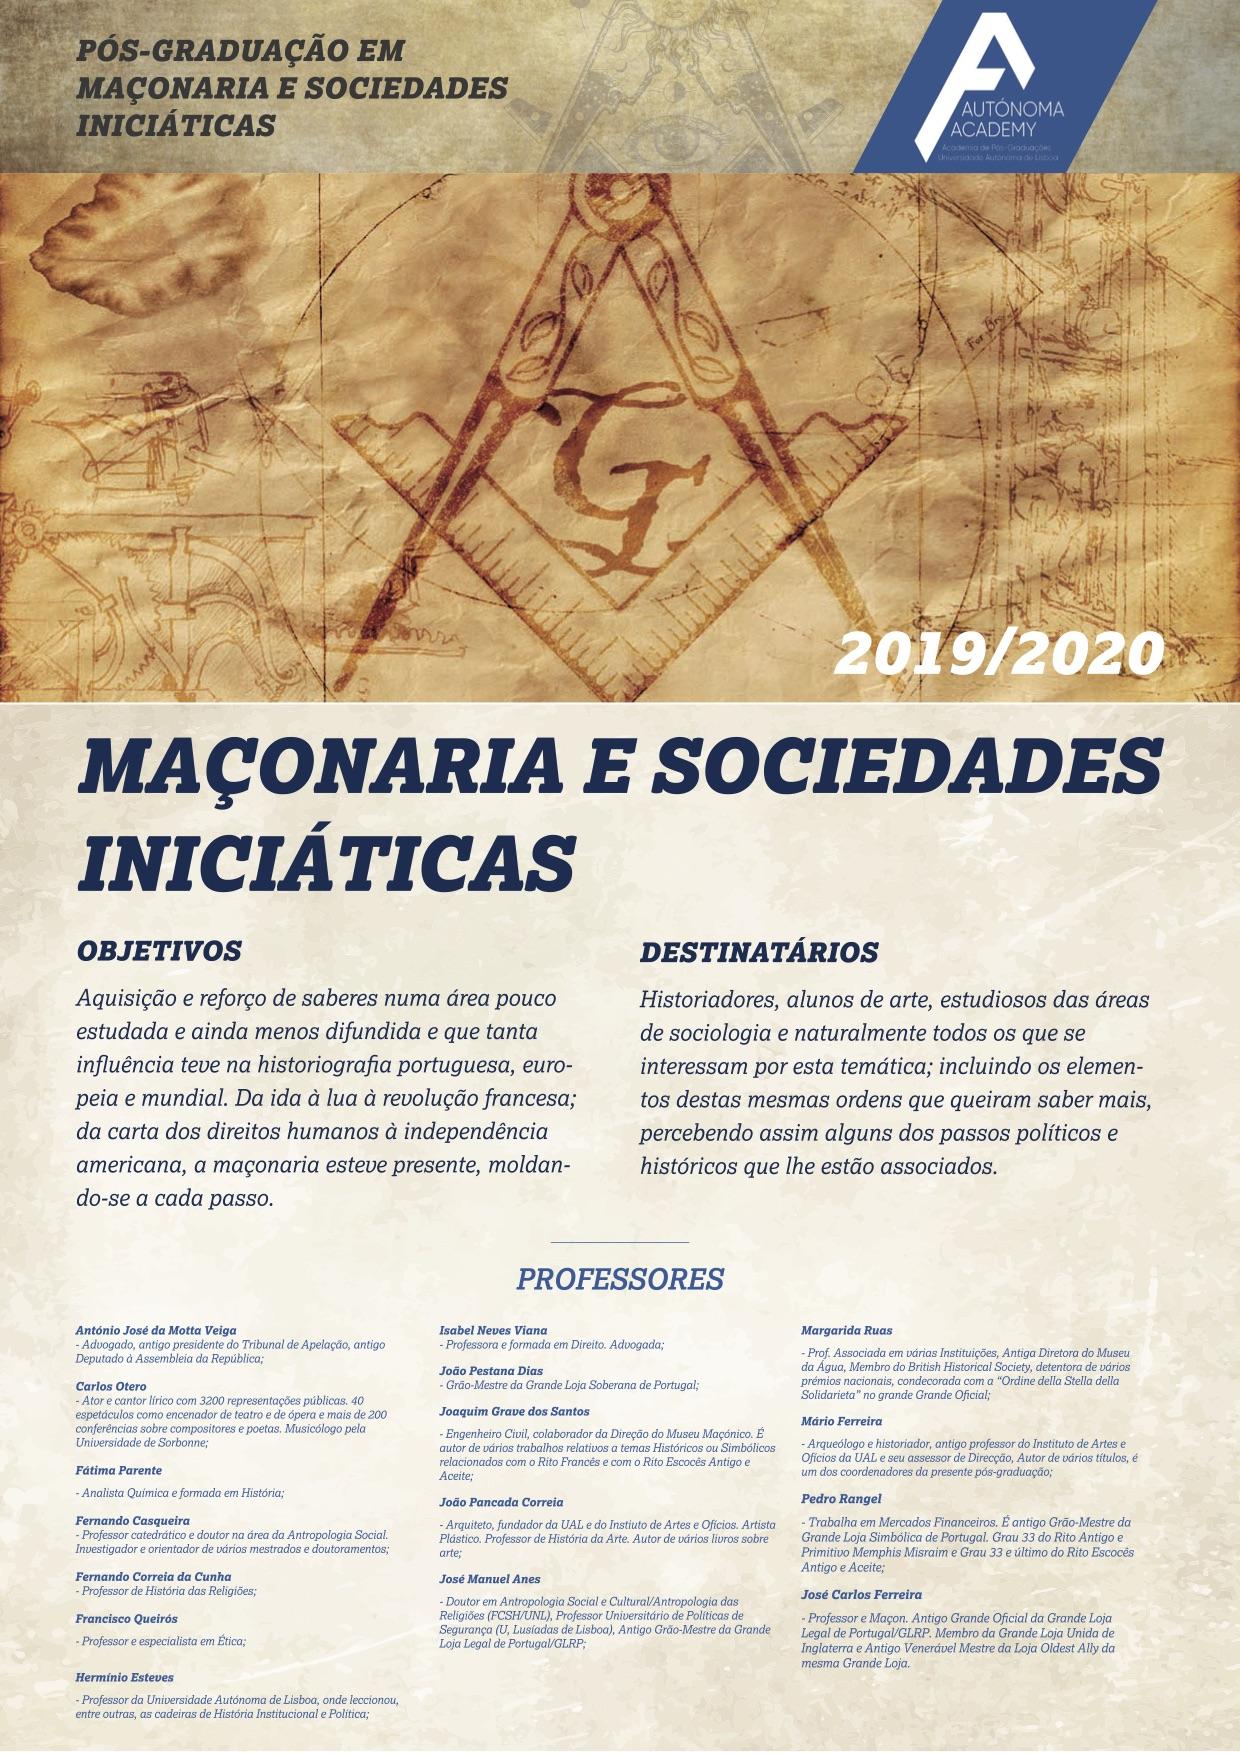 Folheto_Pos-Graduacao (2).jpg